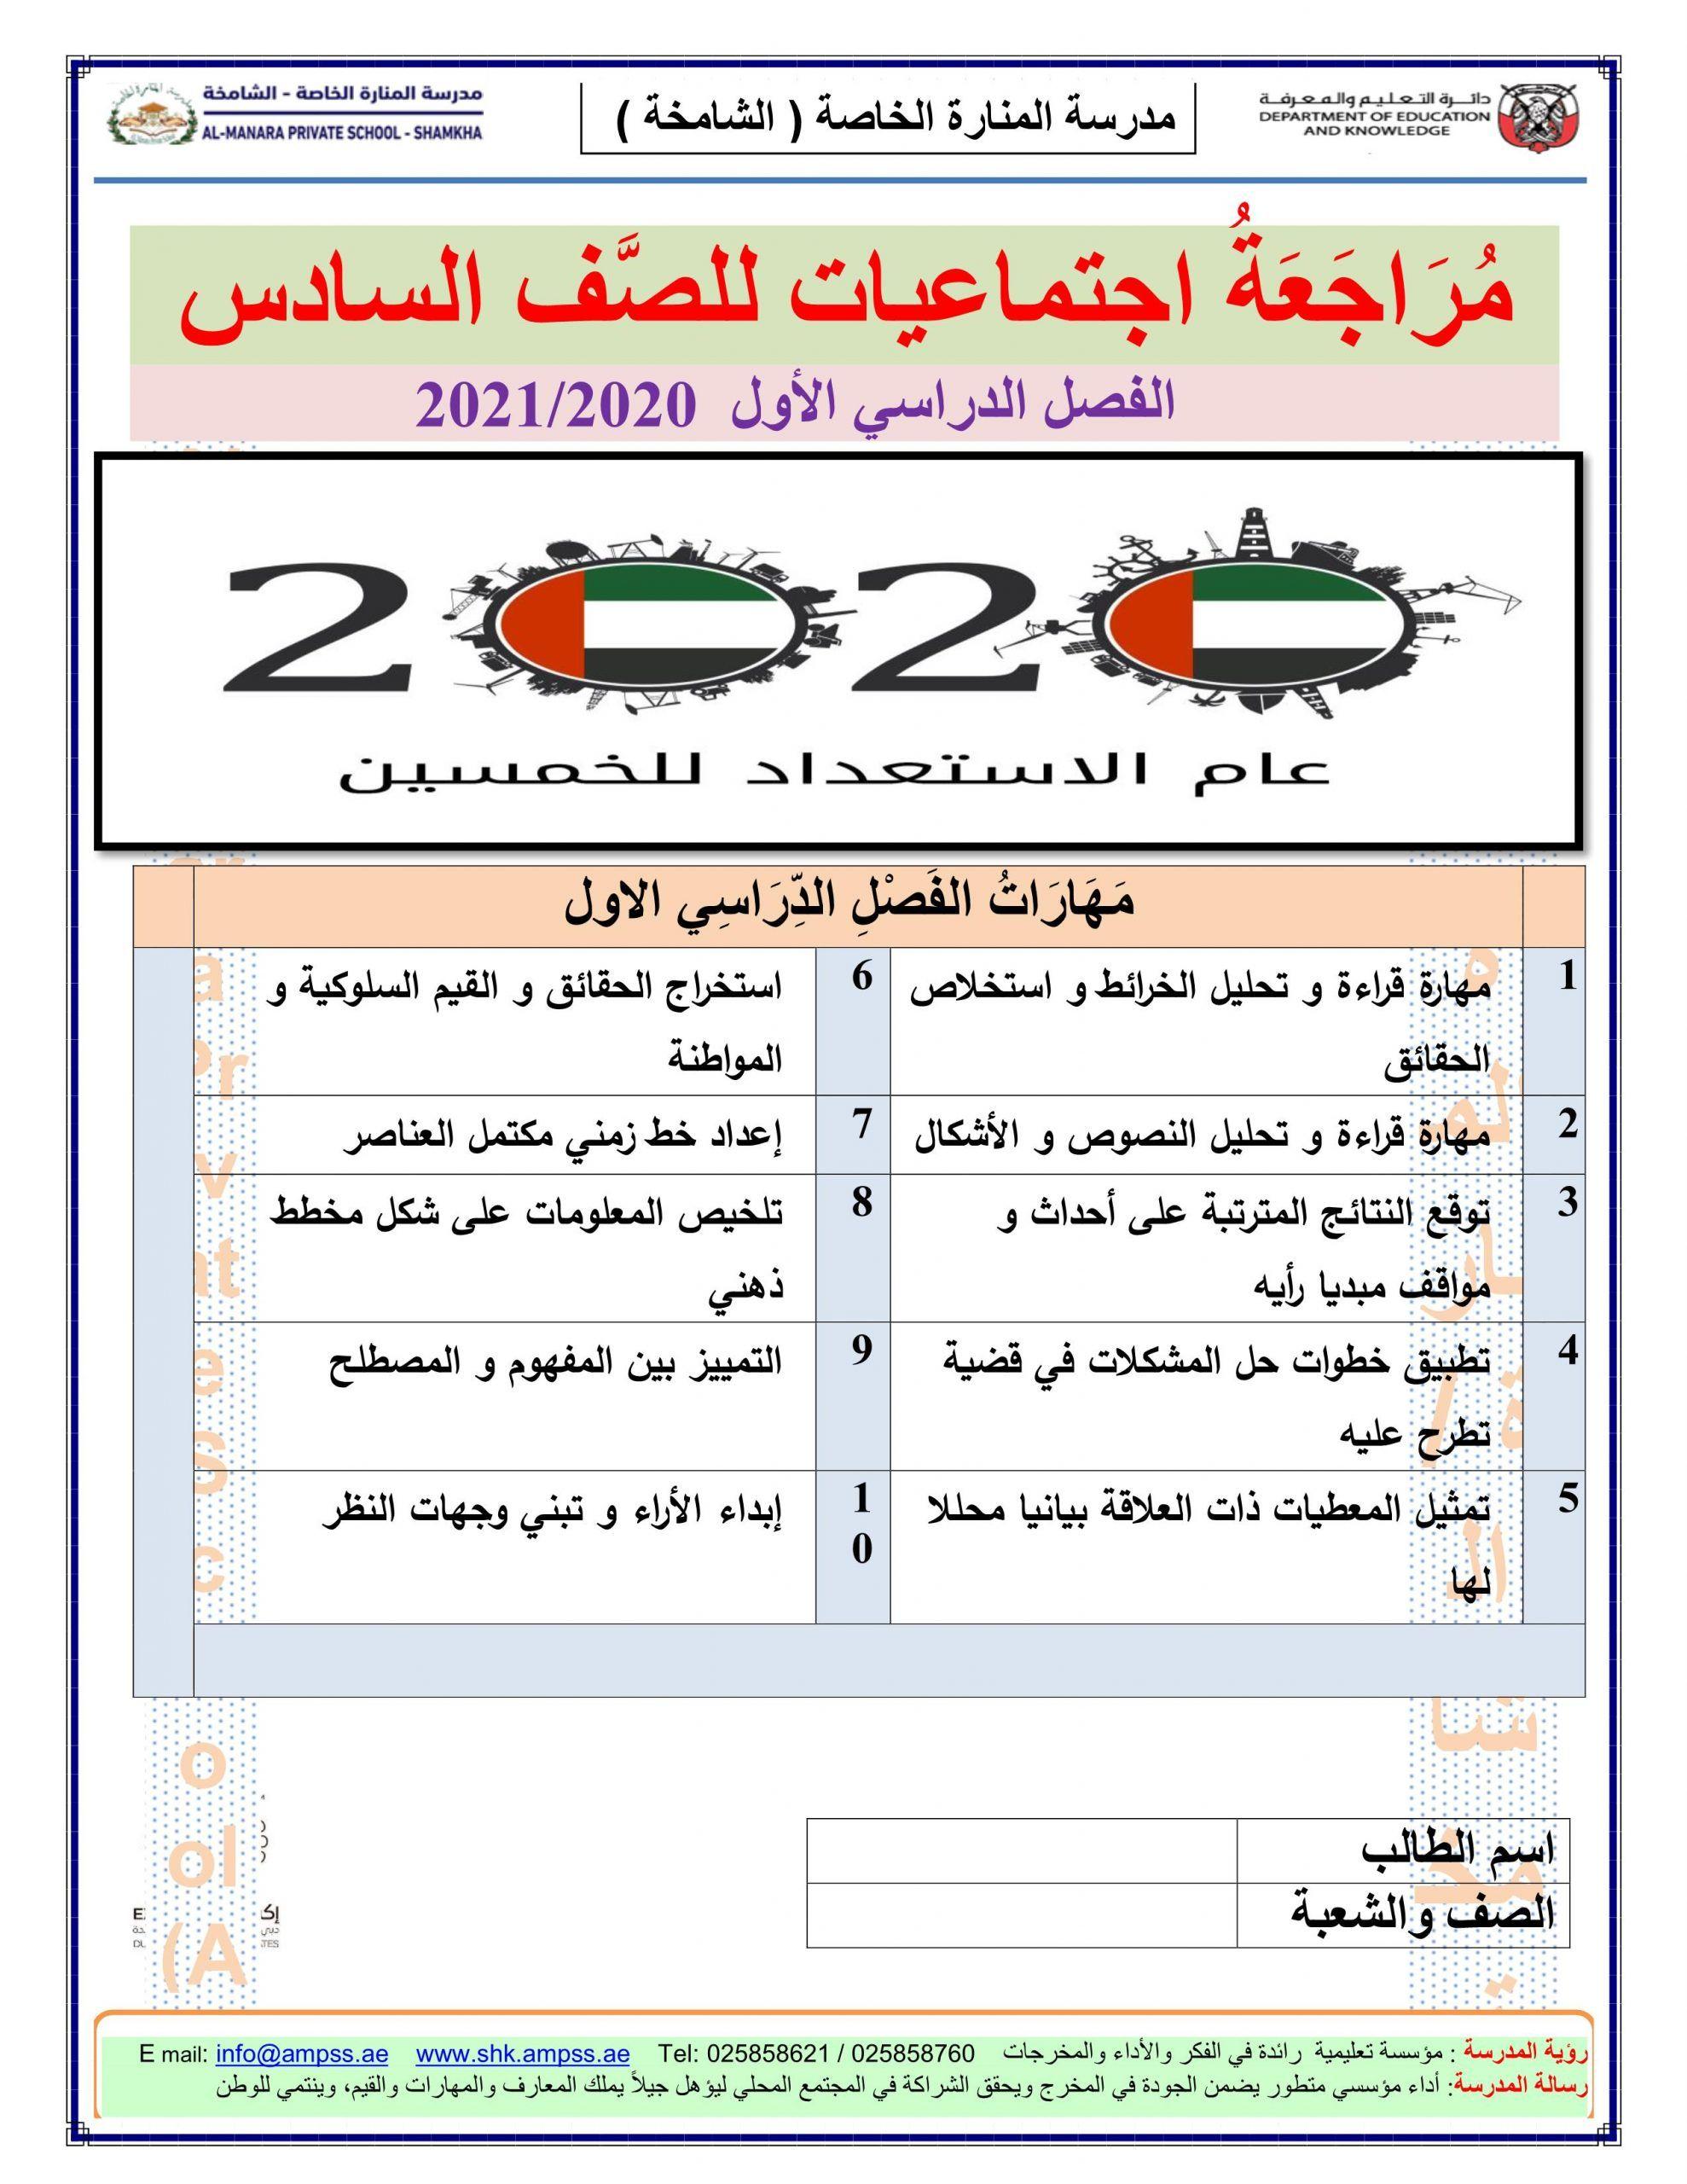 معنى اسم أبو في المعجم العربي ظهرت هذه الفترة مجموعة من الأسماء الغريبة والتي لم تكن متواجده بشكل منتشر وغريبة على Company Logo Tech Company Logos Vimeo Logo